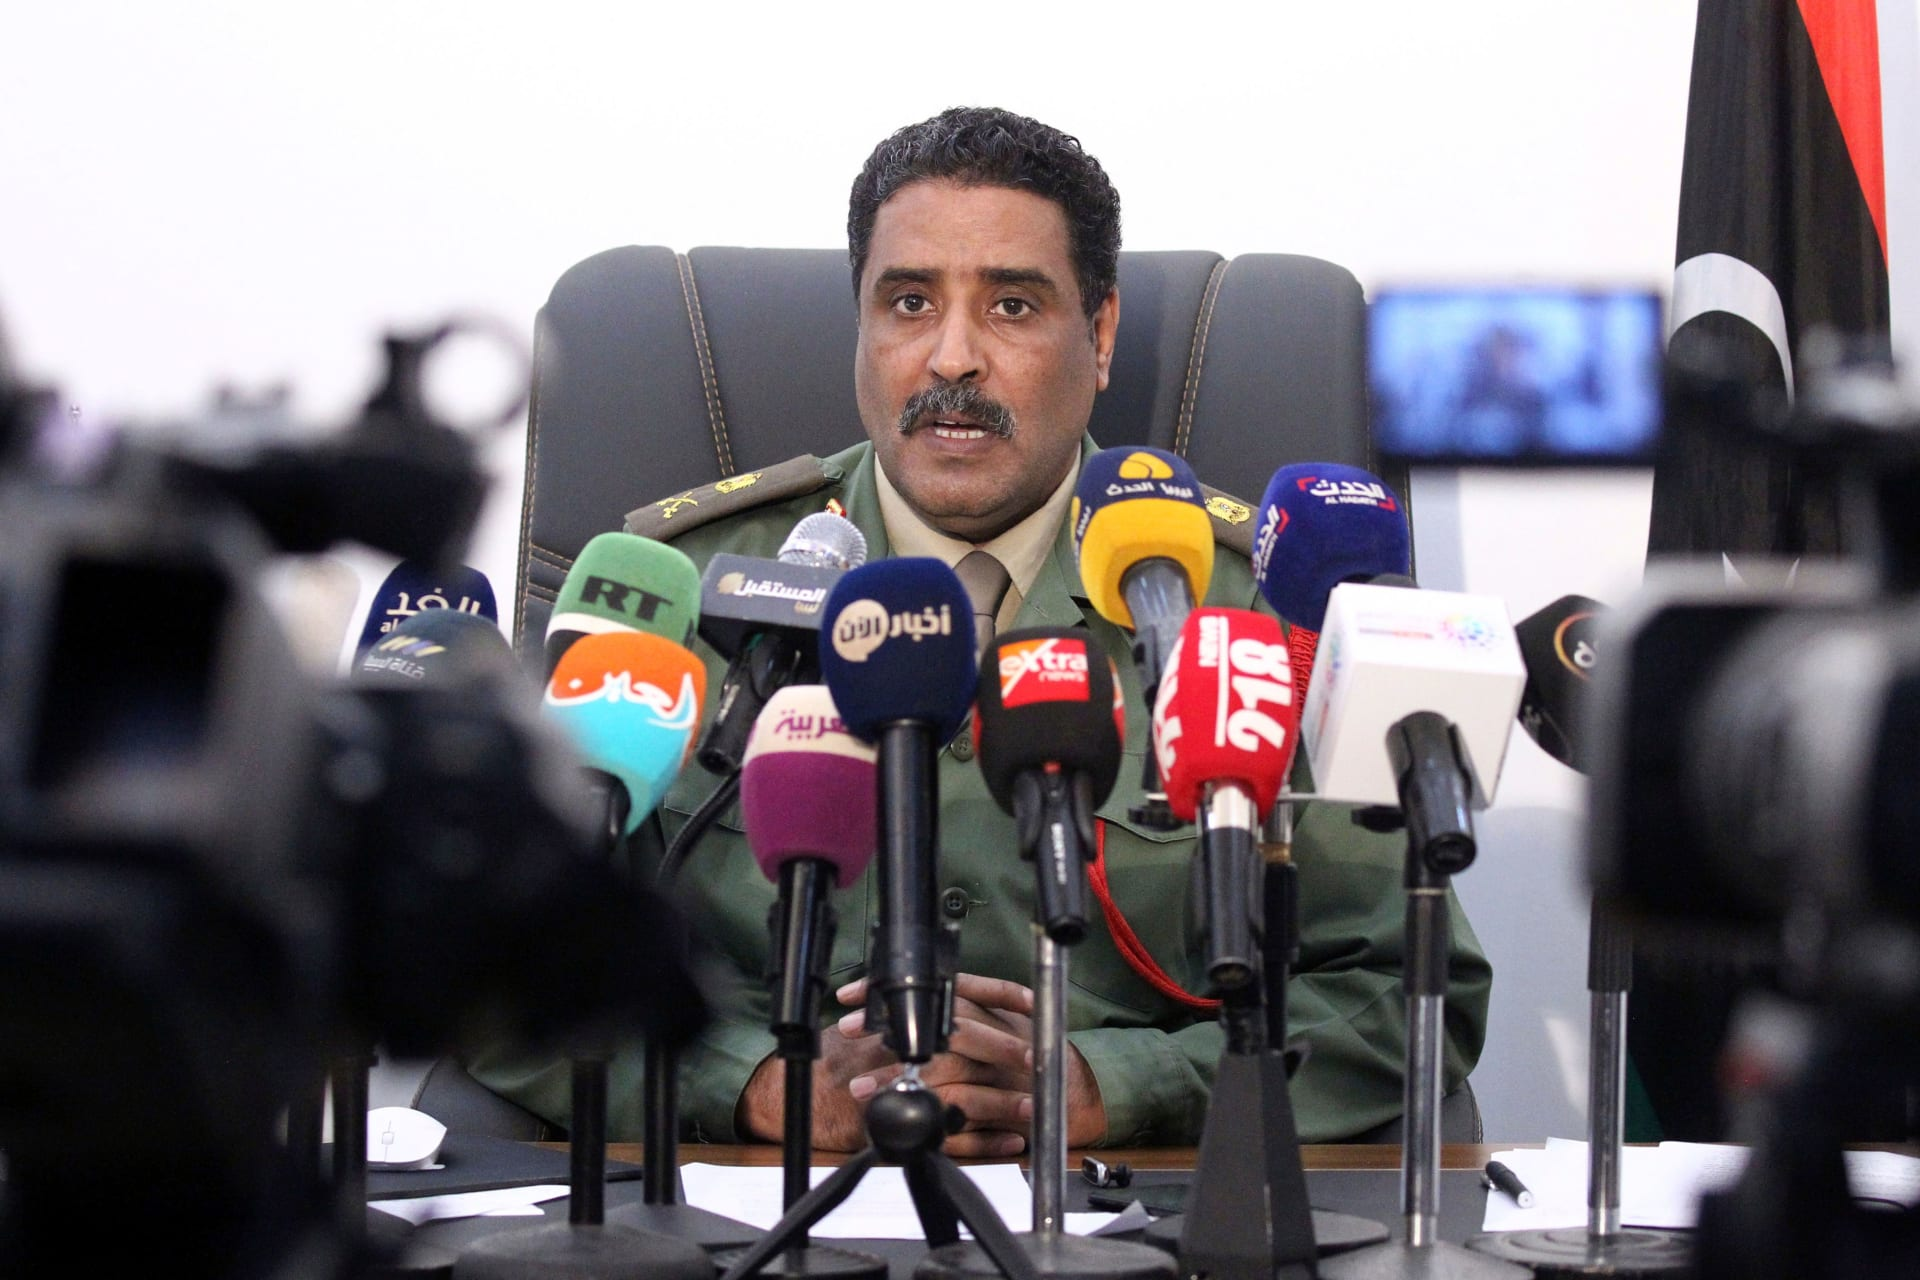 المتحدث باسم قوات حفتر: قطر تدعم الإرهاب ومرحلتها في ليبيا انتهت